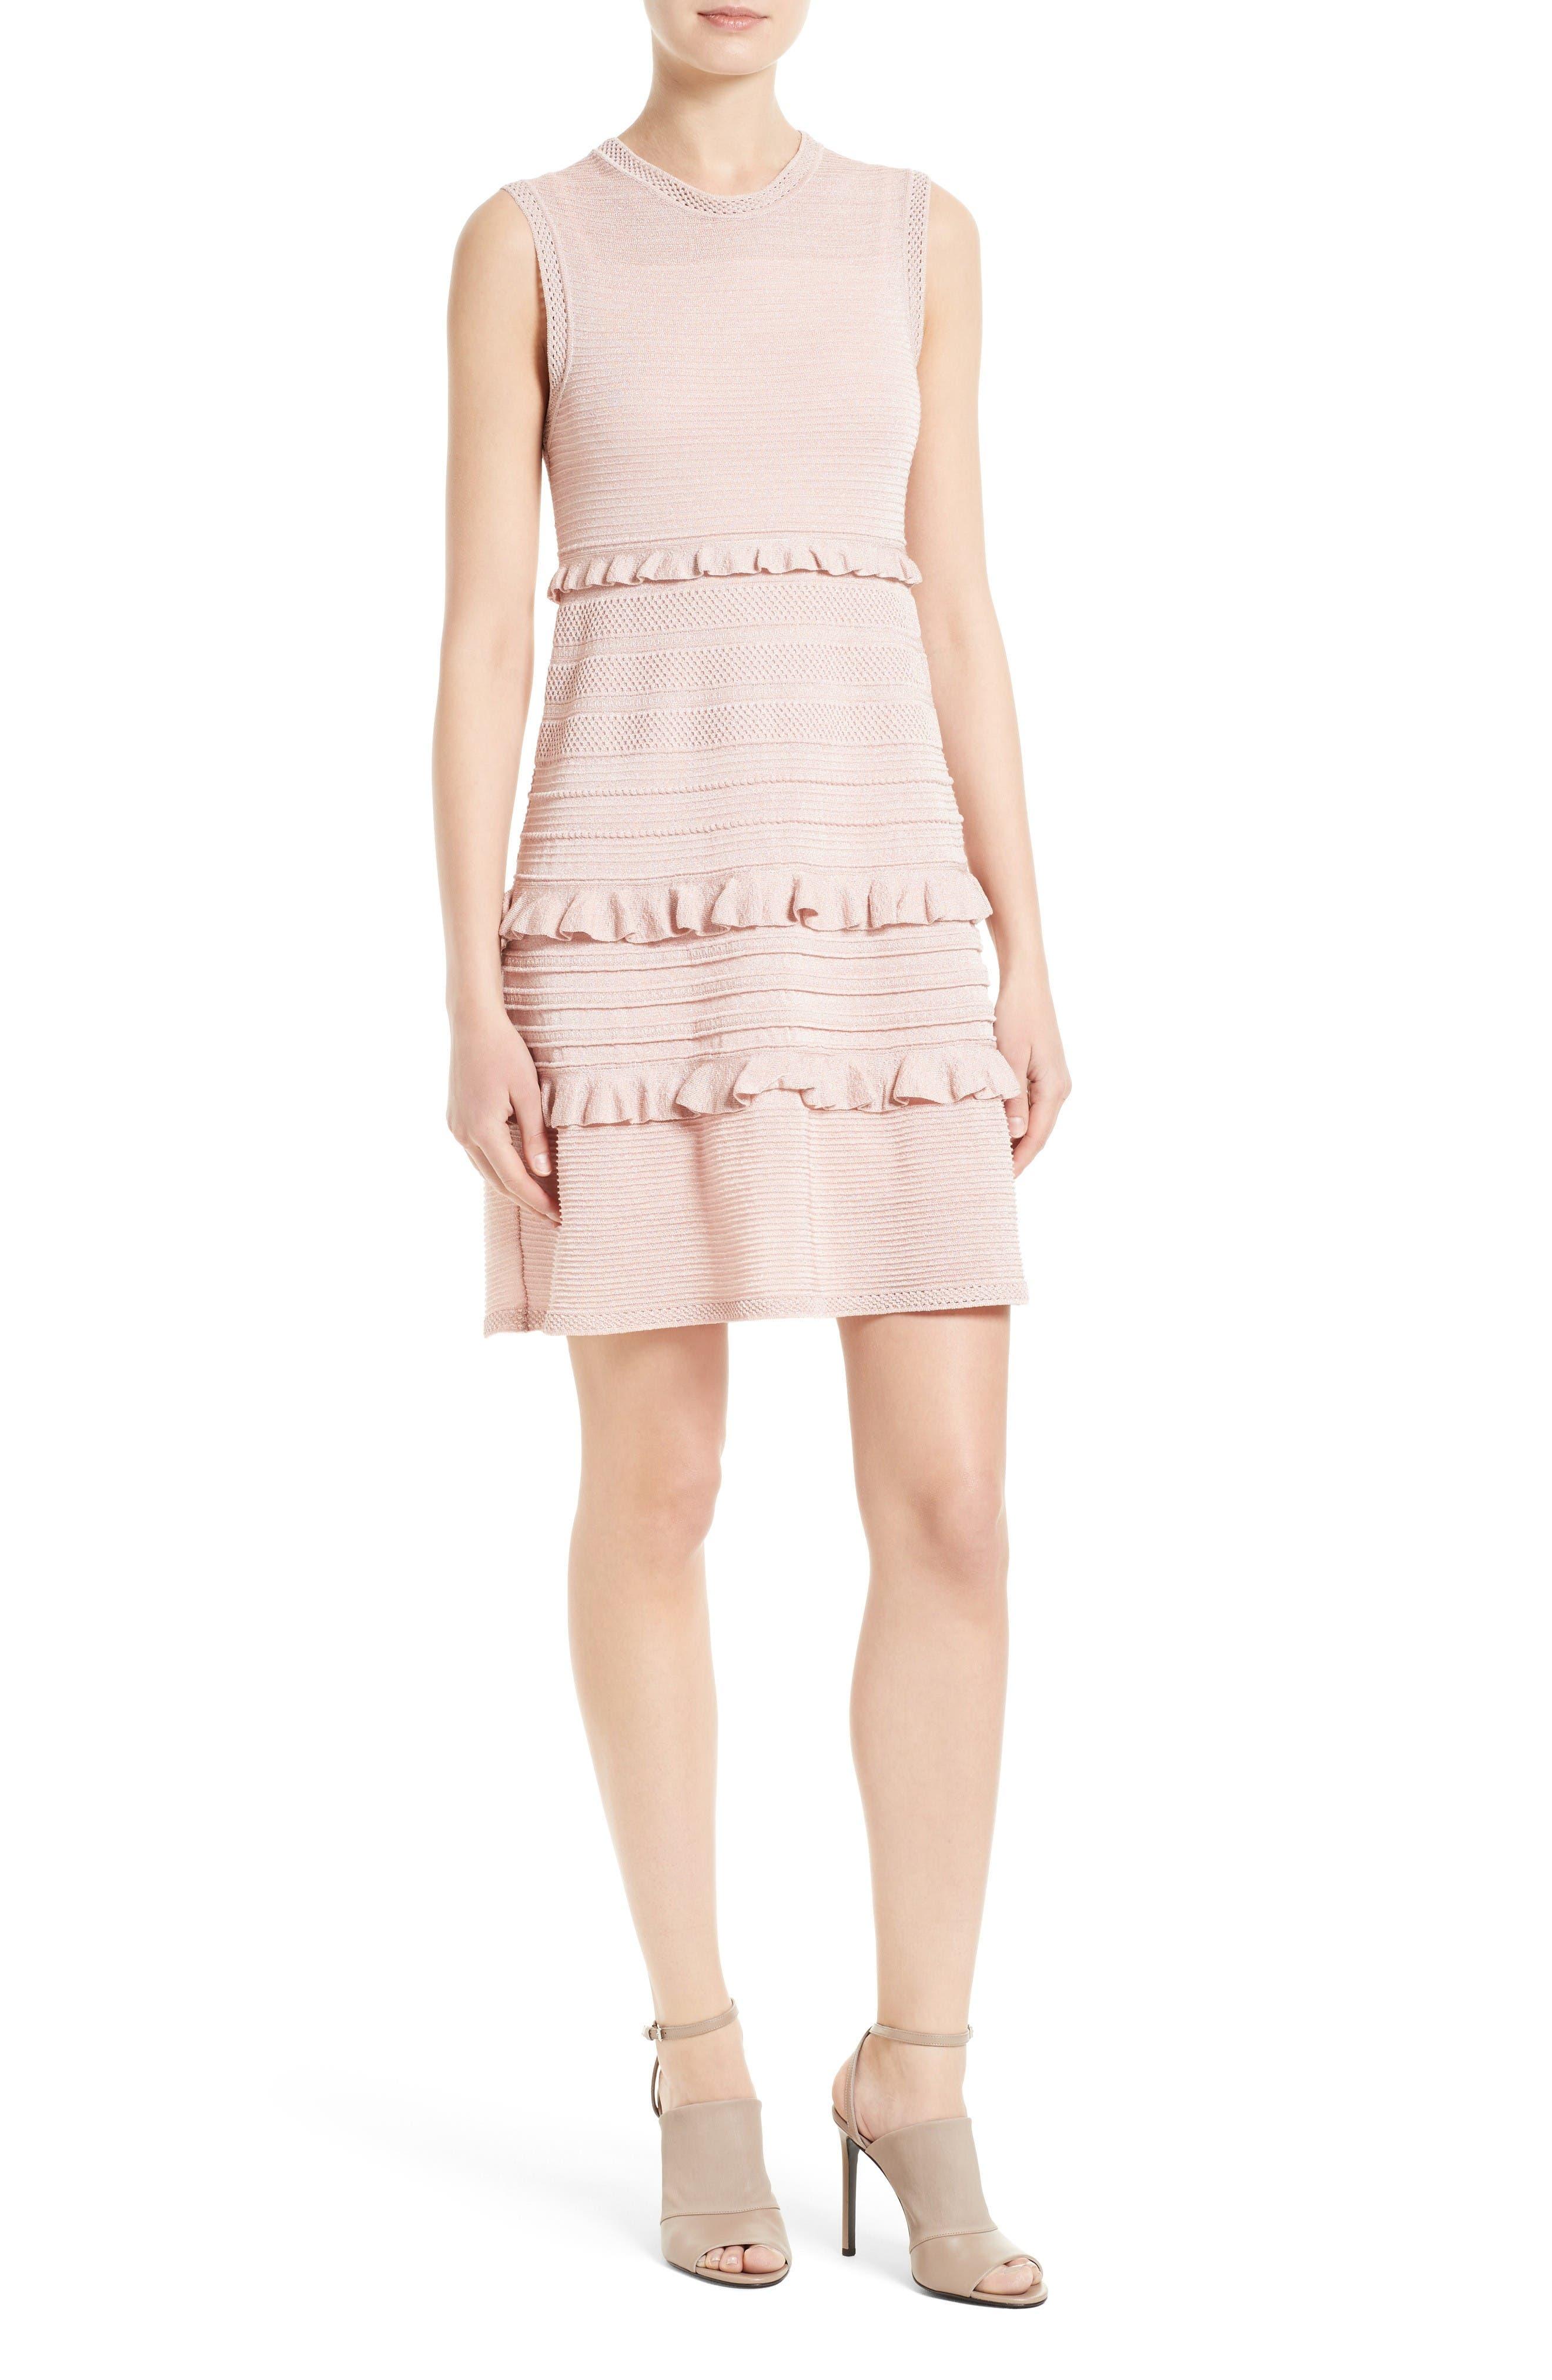 Main Image - M Missoni Ruffle Metallic Mouline Knit Dress